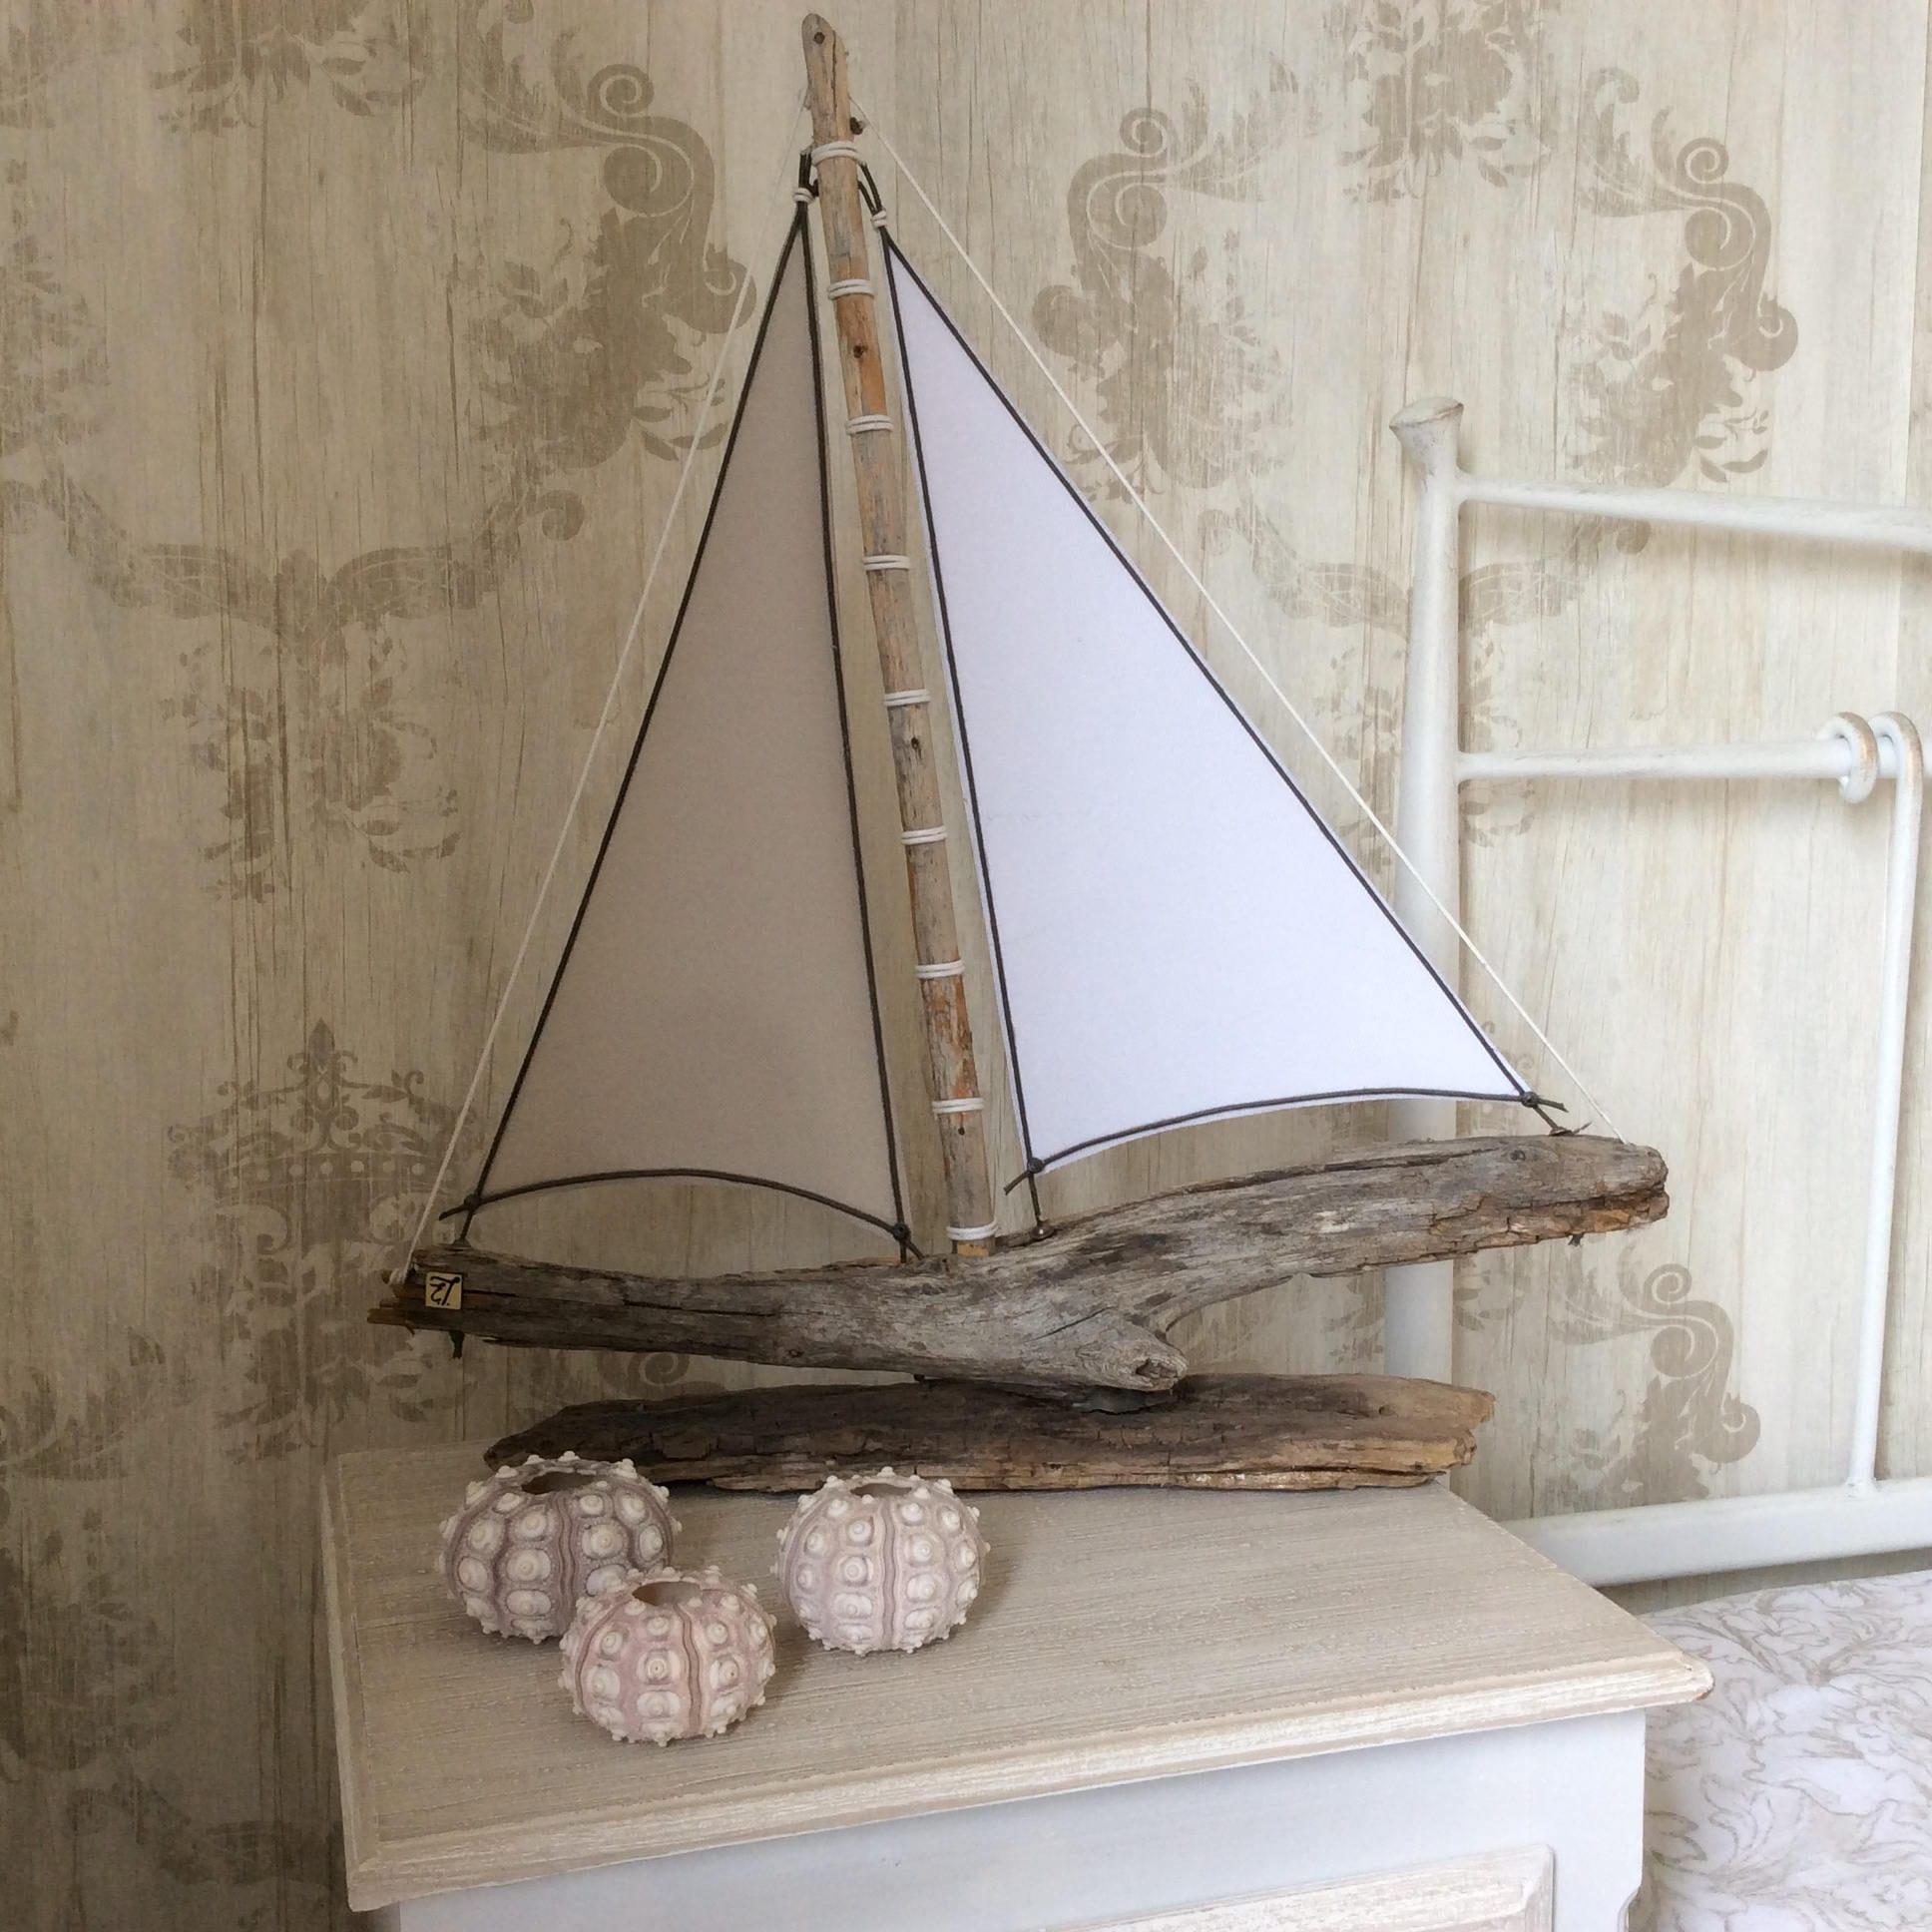 bois flott art bois flott bateau voilier sailing plage. Black Bedroom Furniture Sets. Home Design Ideas